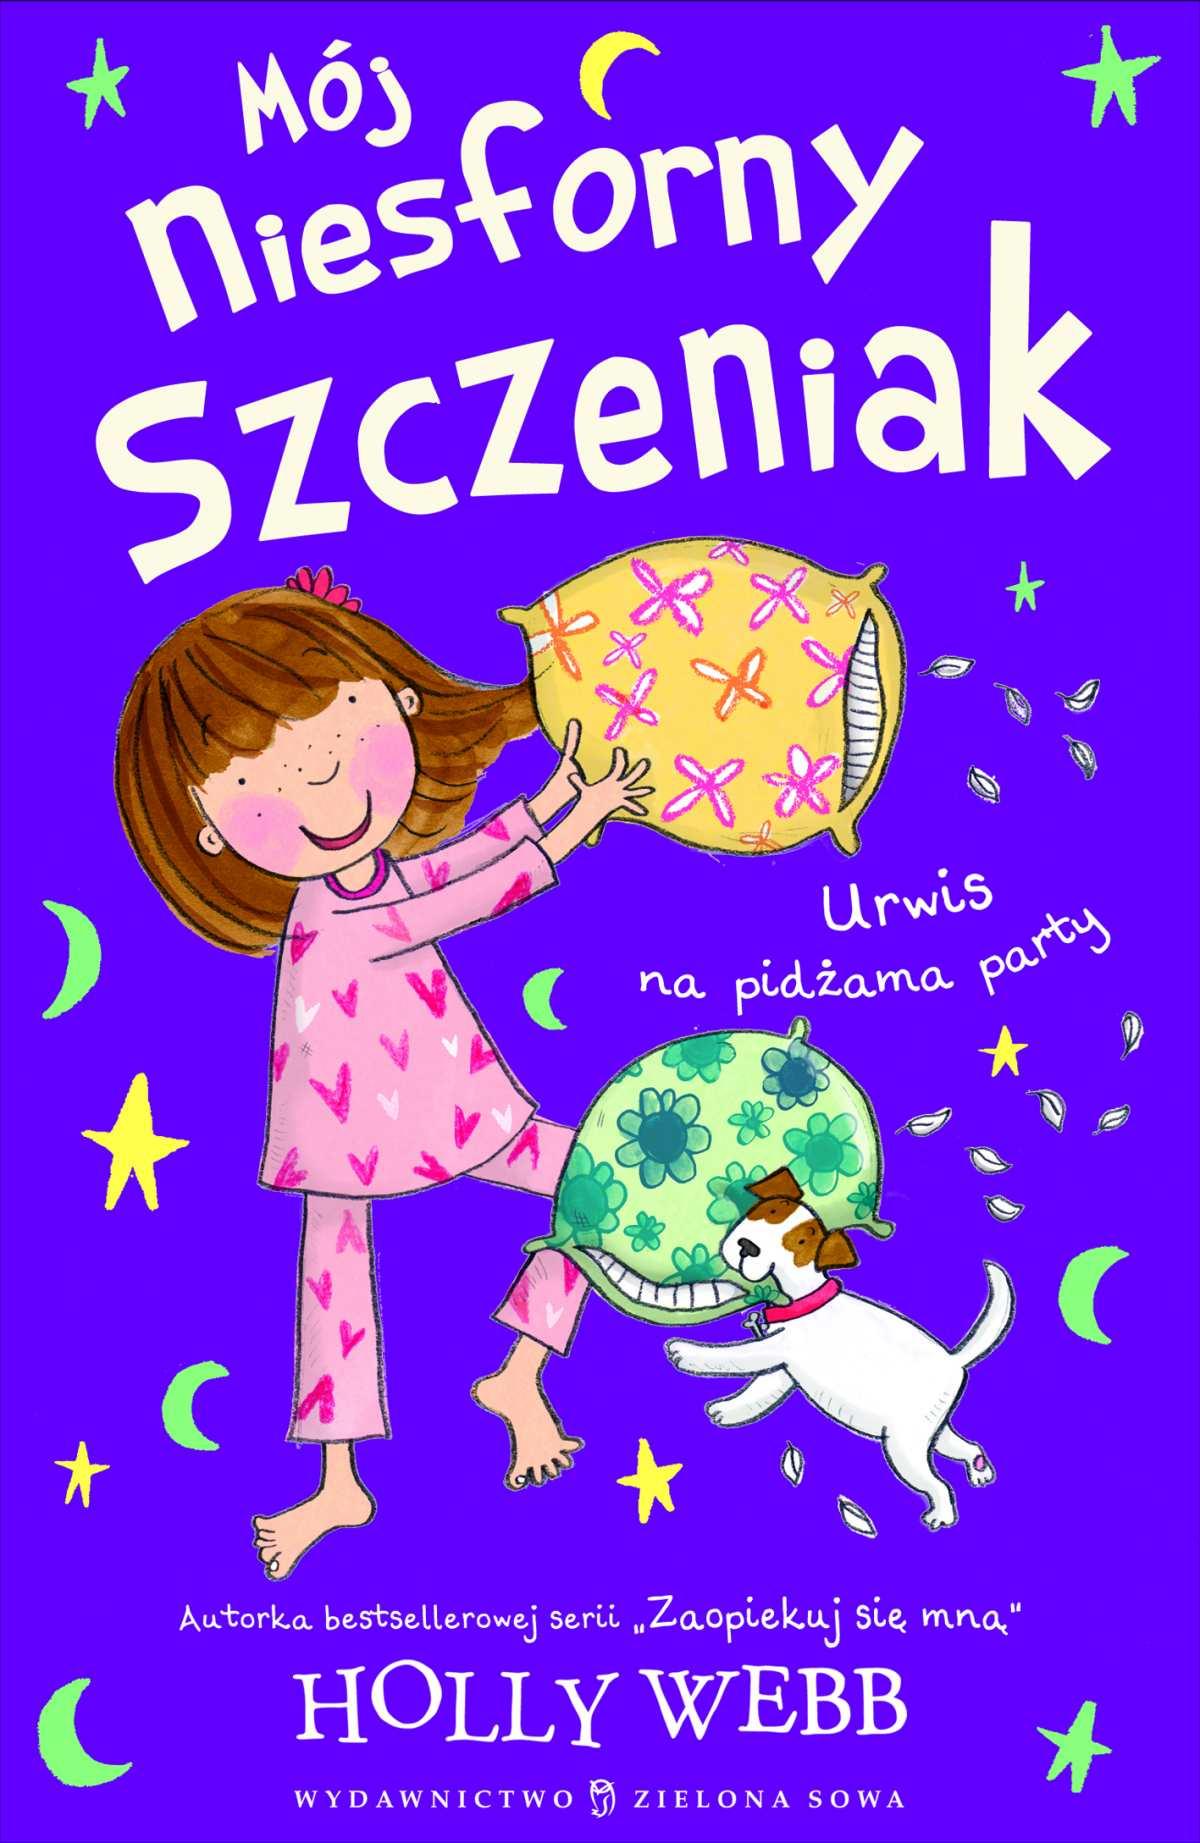 Mój niesforny szczeniak cz. 4. Urwis na pidżama party - Ebook (Książka EPUB) do pobrania w formacie EPUB